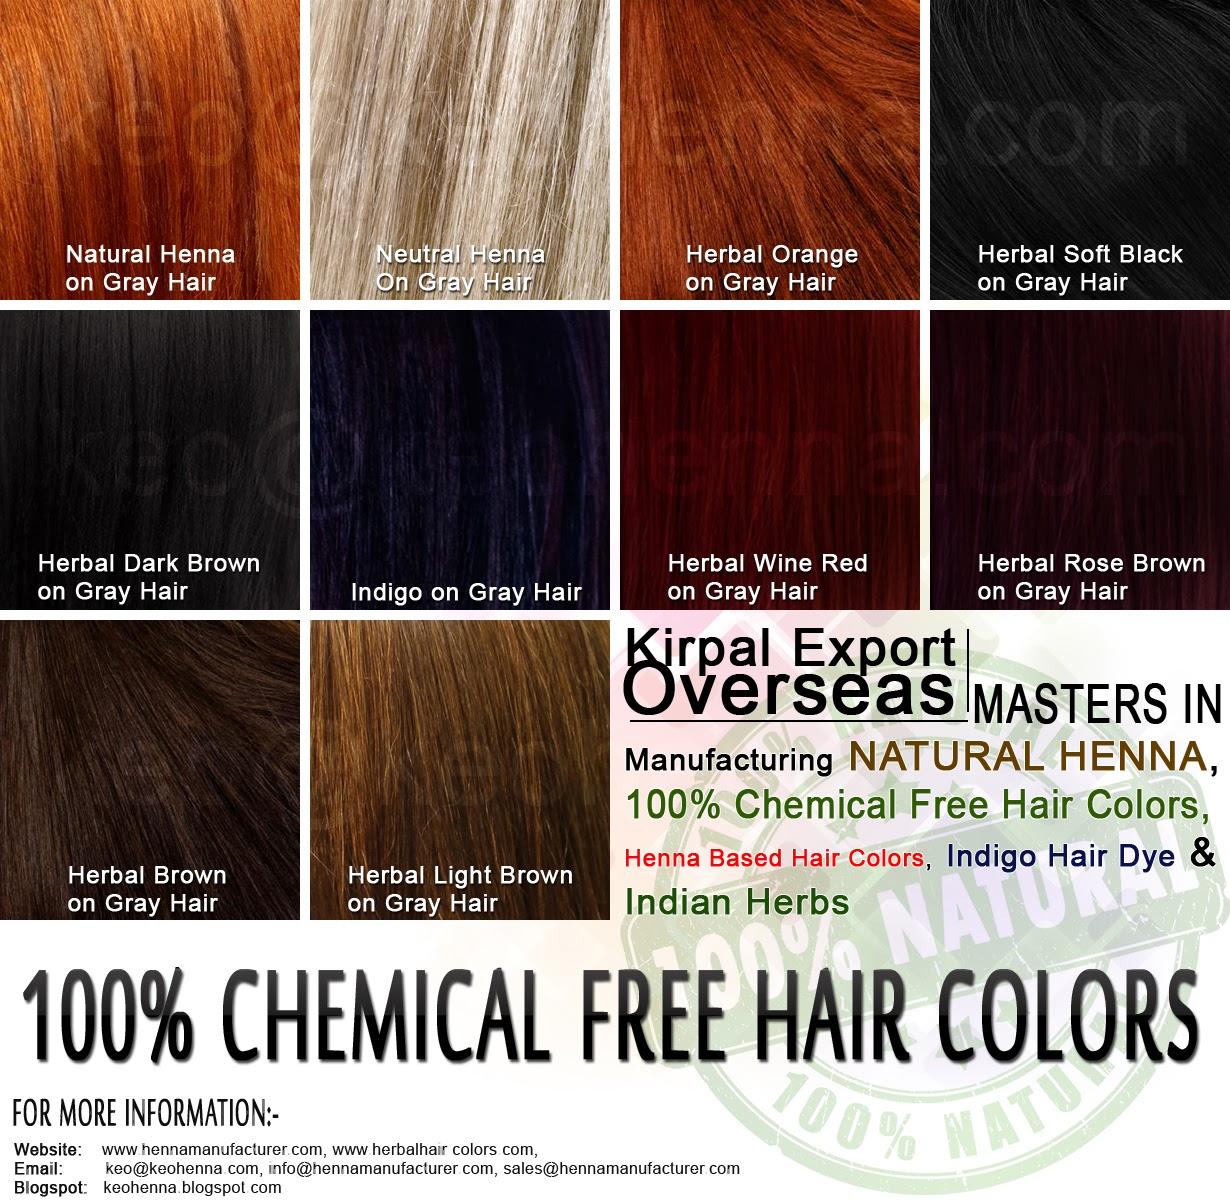 Kirpal Export Overseas Natural Henna Manufacturers Herbal